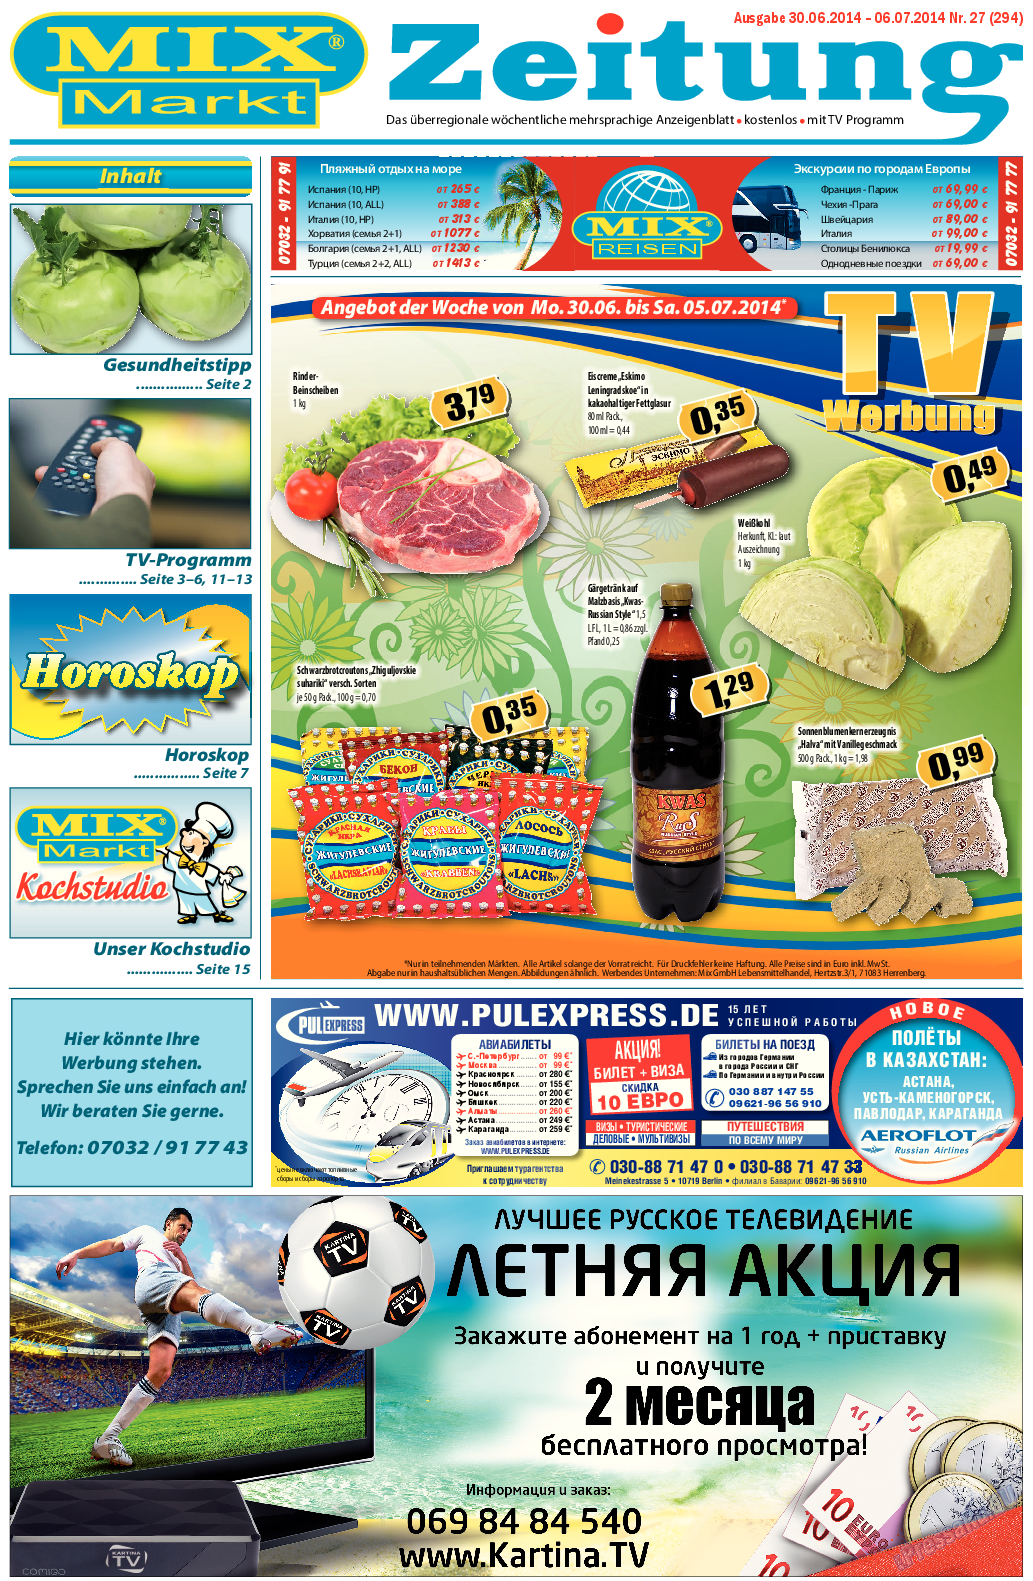 MIX-Markt Zeitung (газета). 2014 год, номер 27, стр. 1